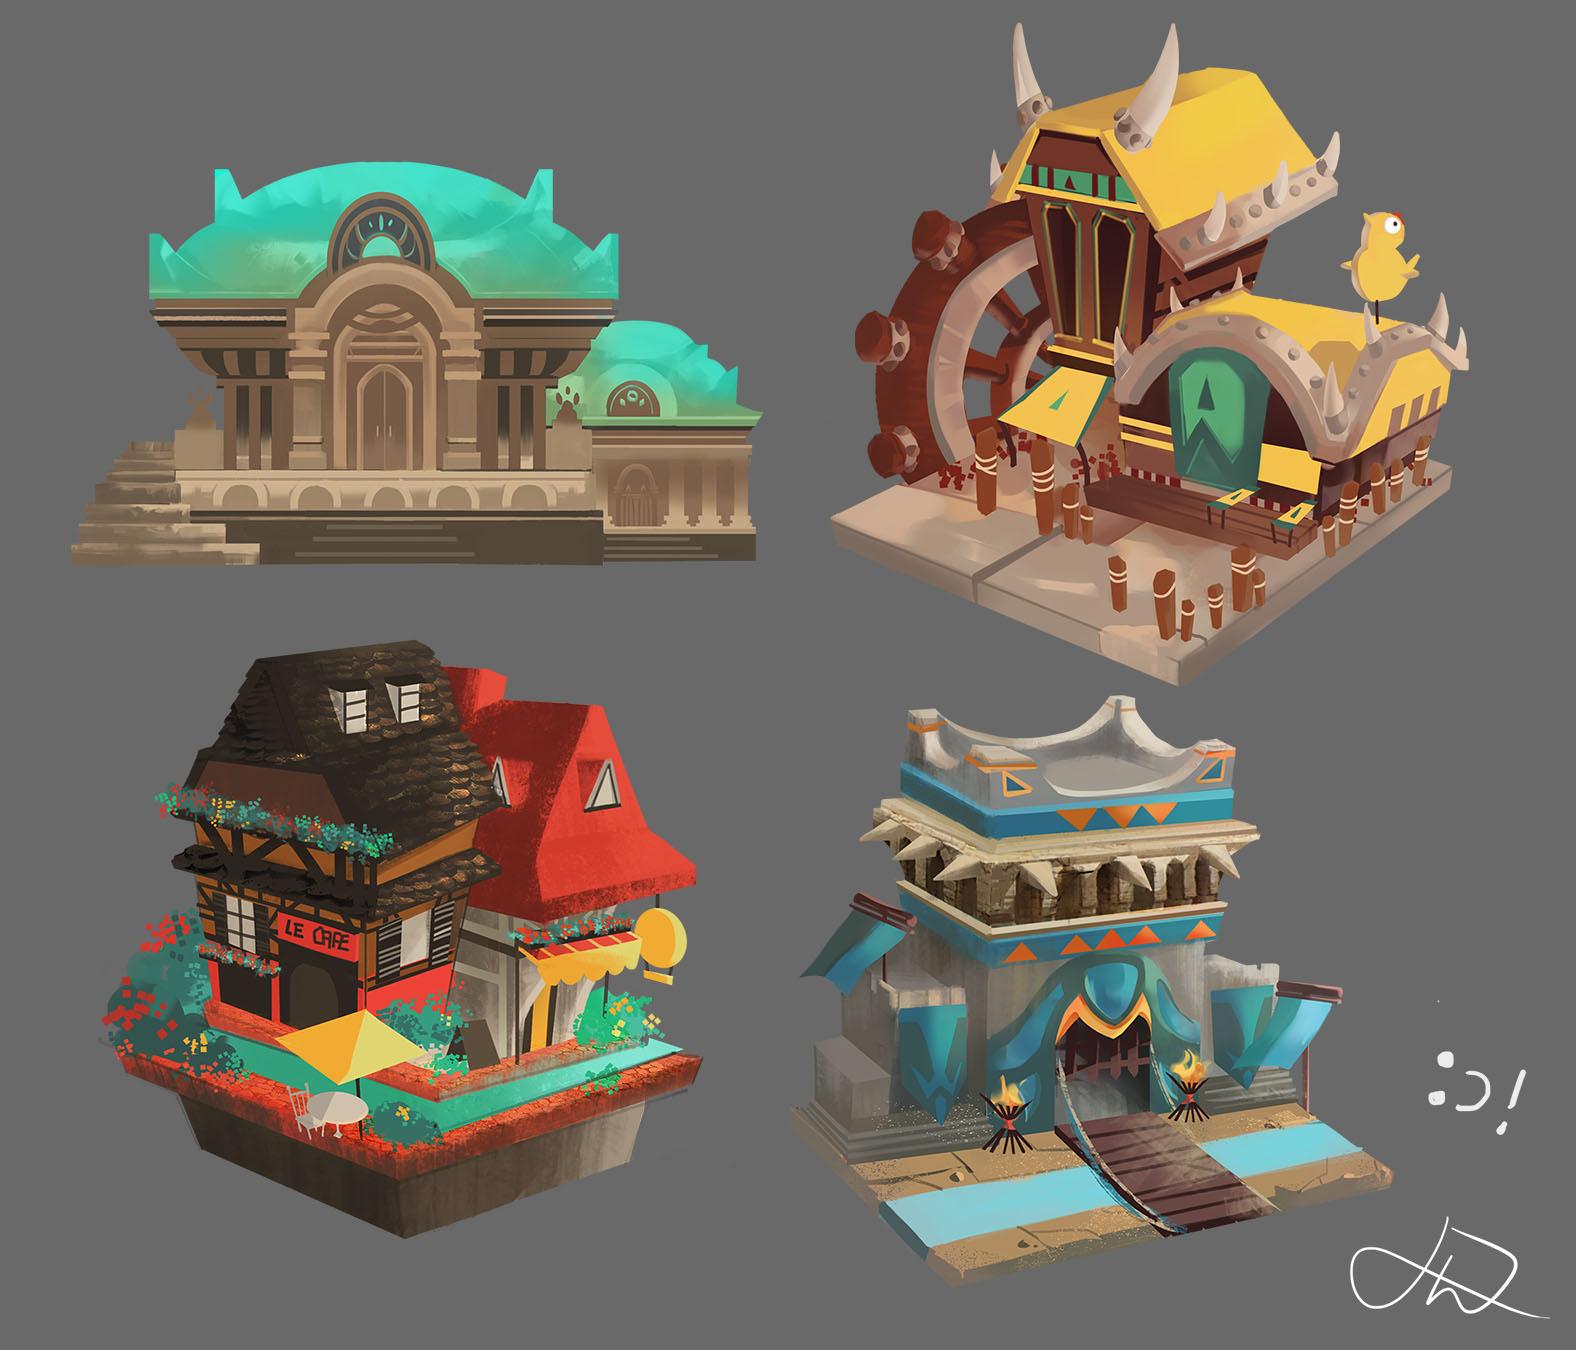 小房子們.jpg